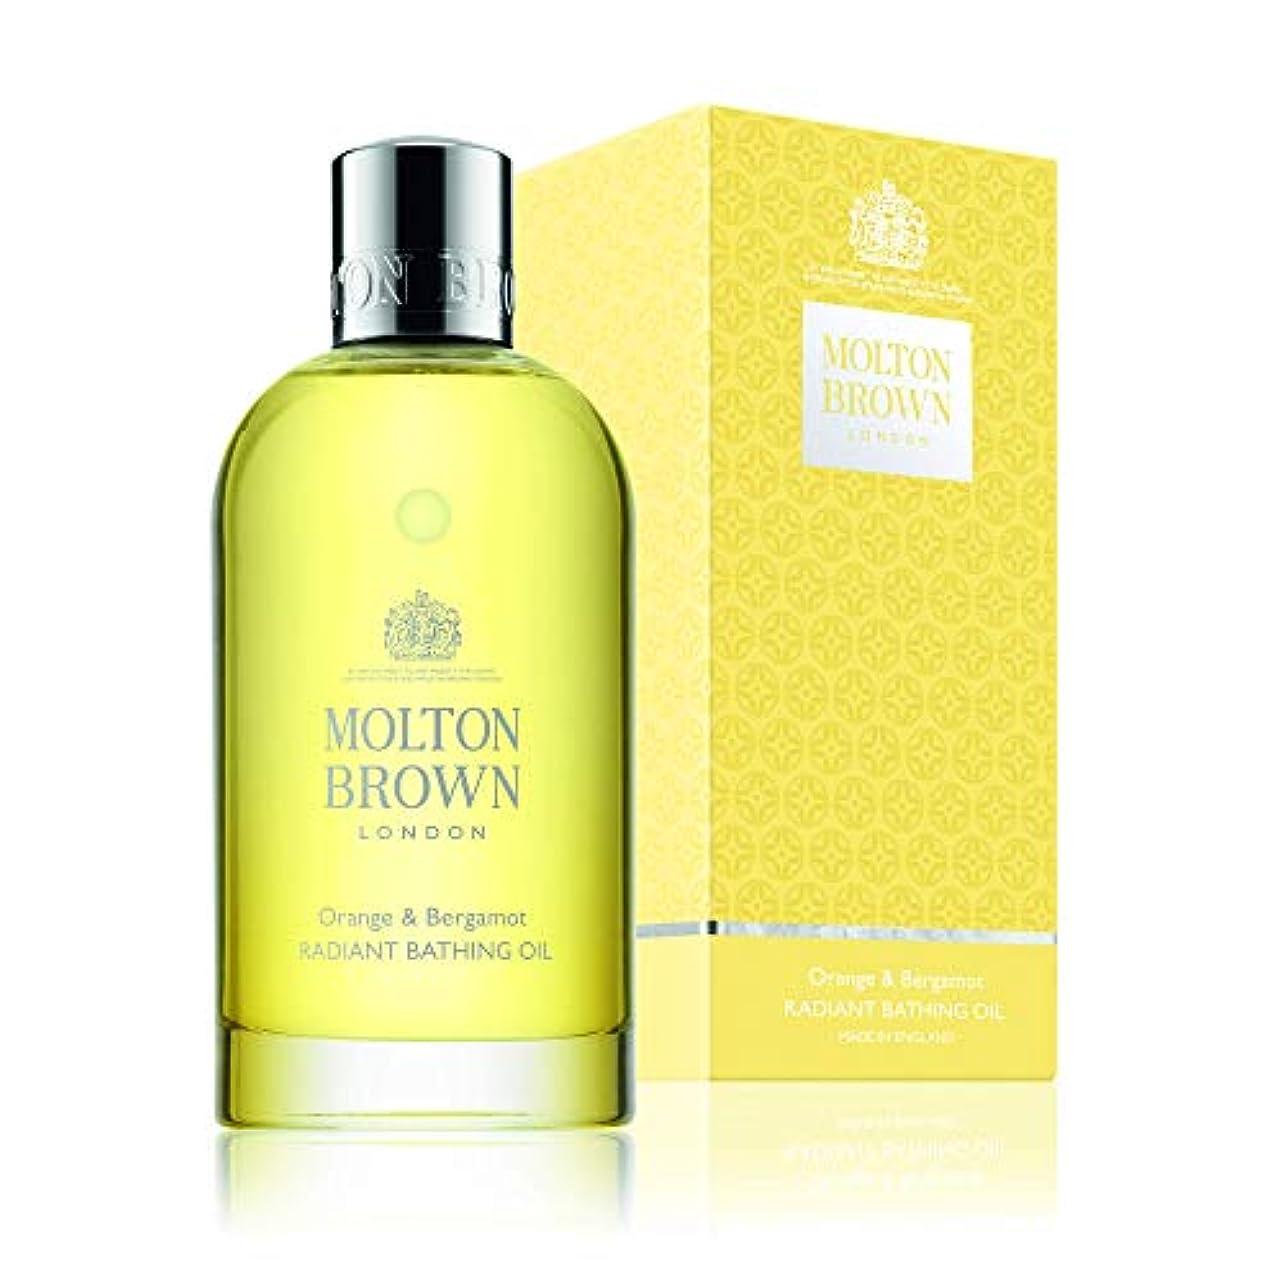 散髪キャンバススイMOLTON BROWN(モルトンブラウン) オレンジ&ベルガモット コレクション O&B ベージングオイル